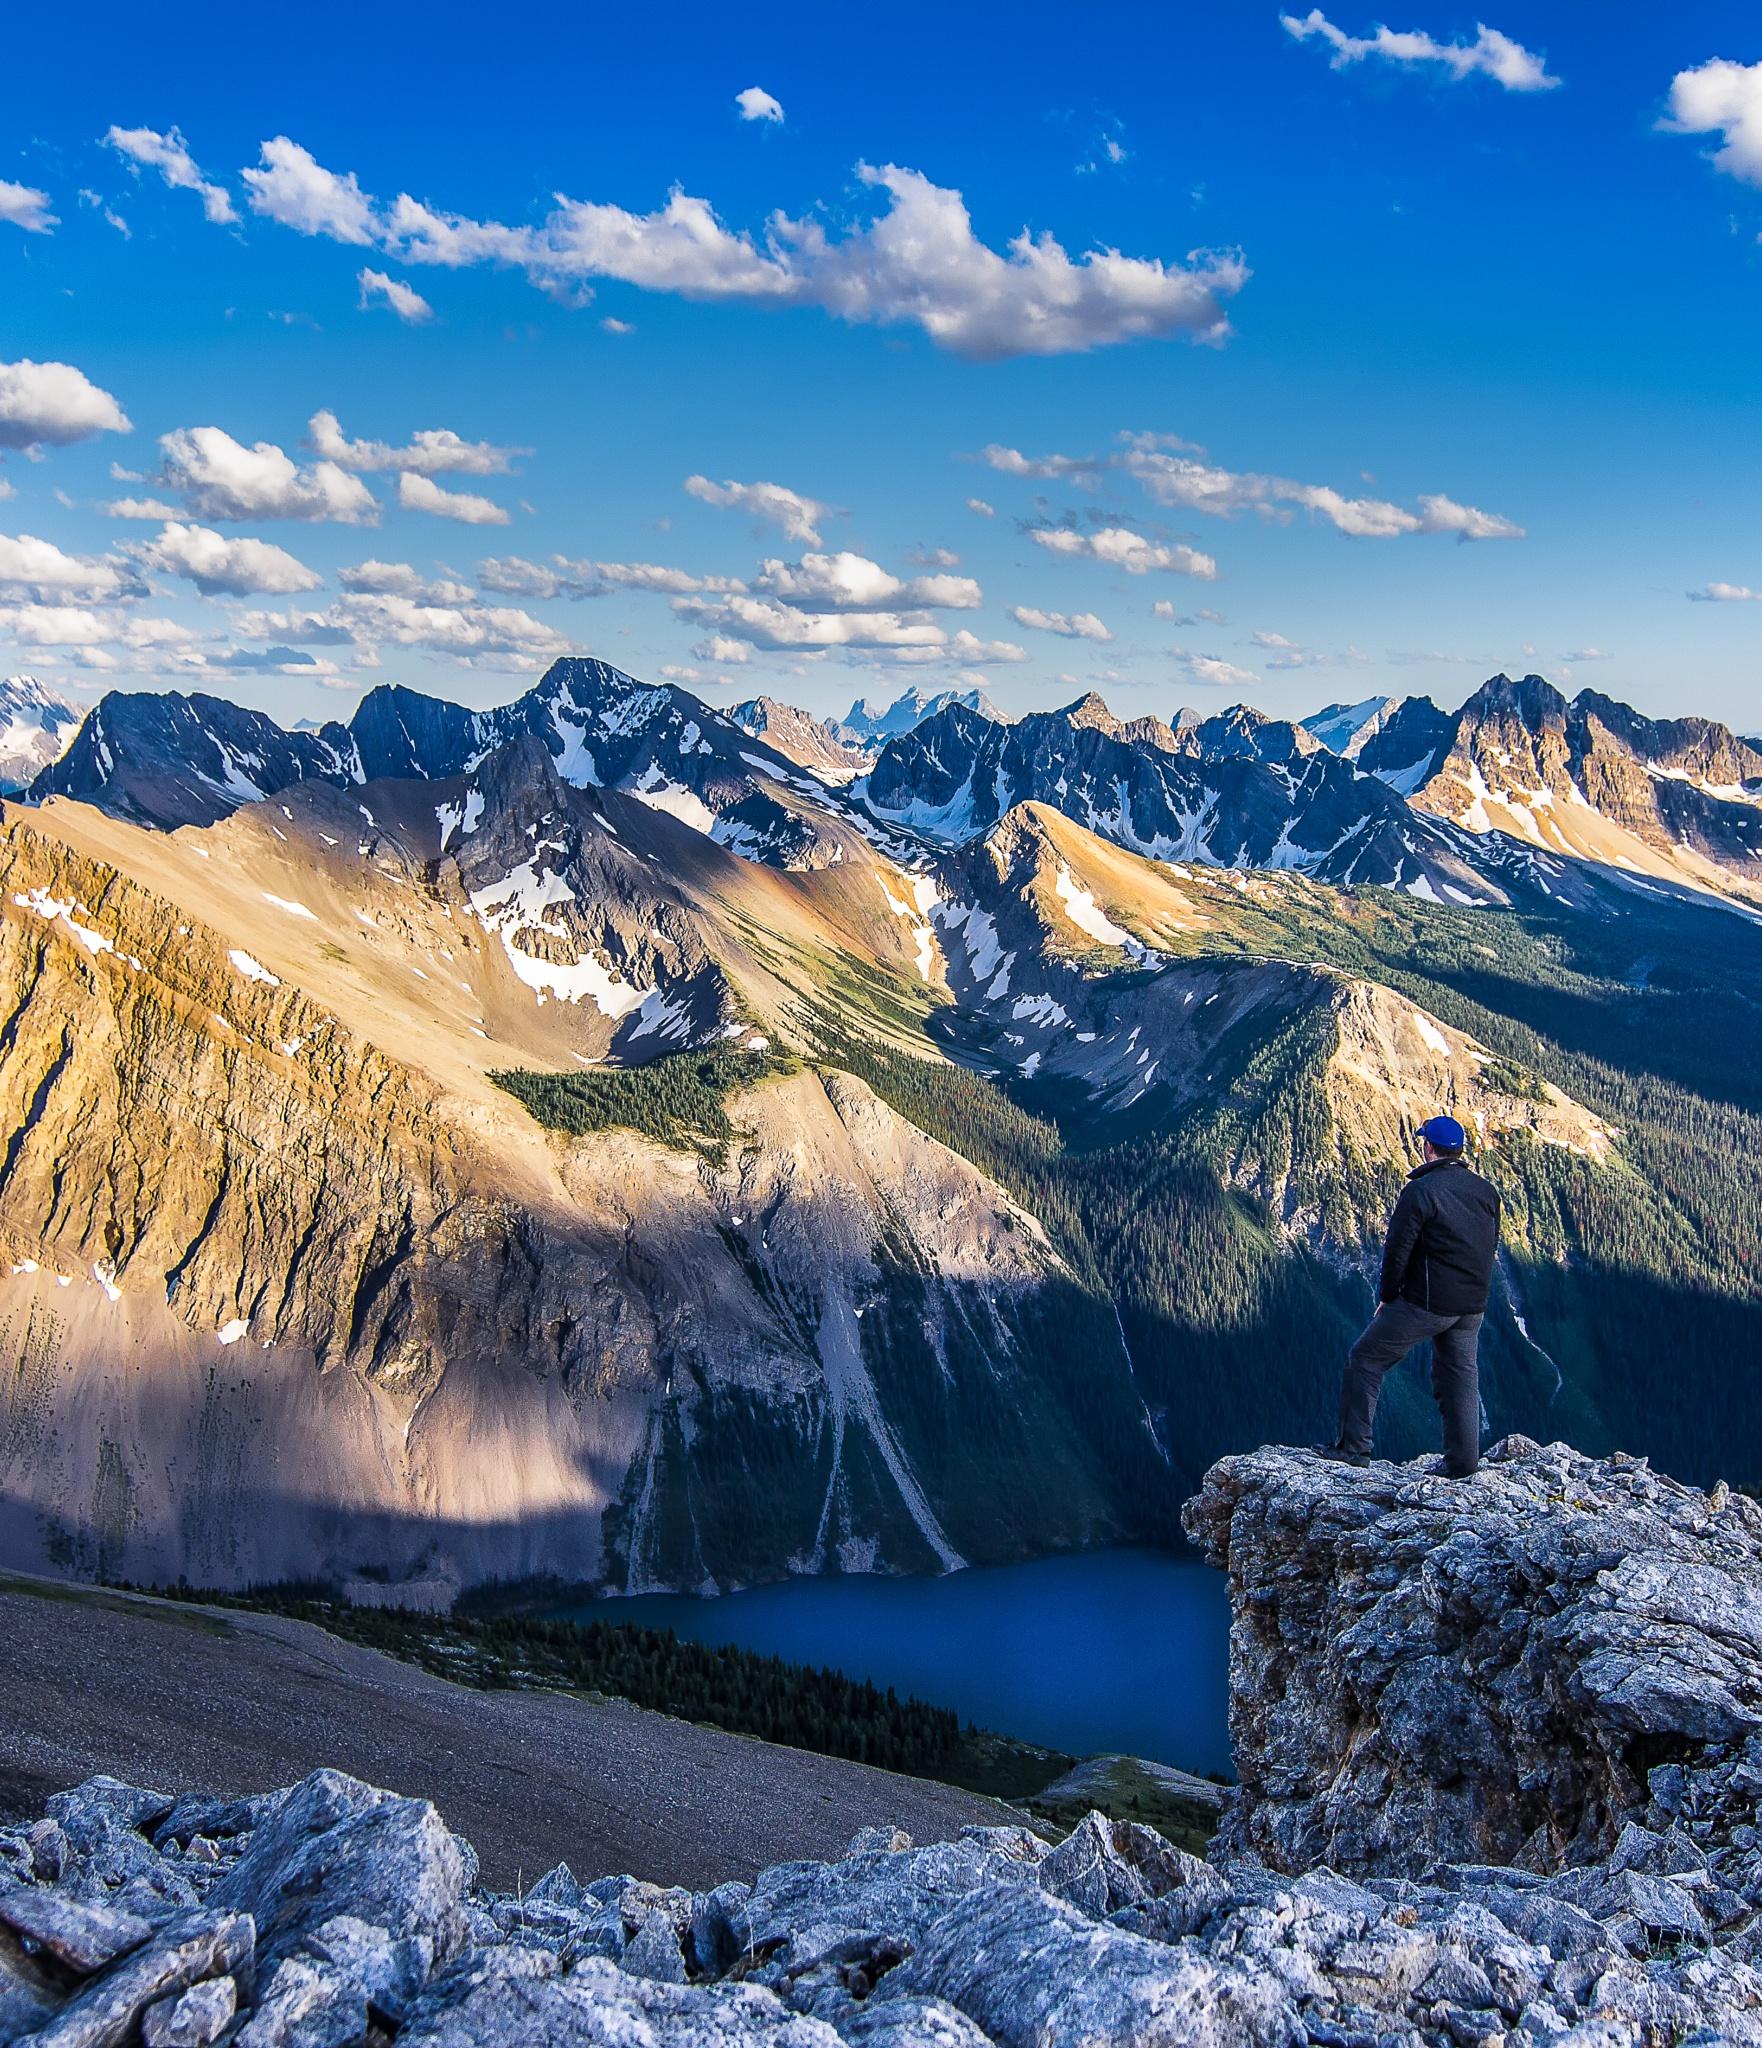 Near Wonder Peak, Canadian Rockies by Damon